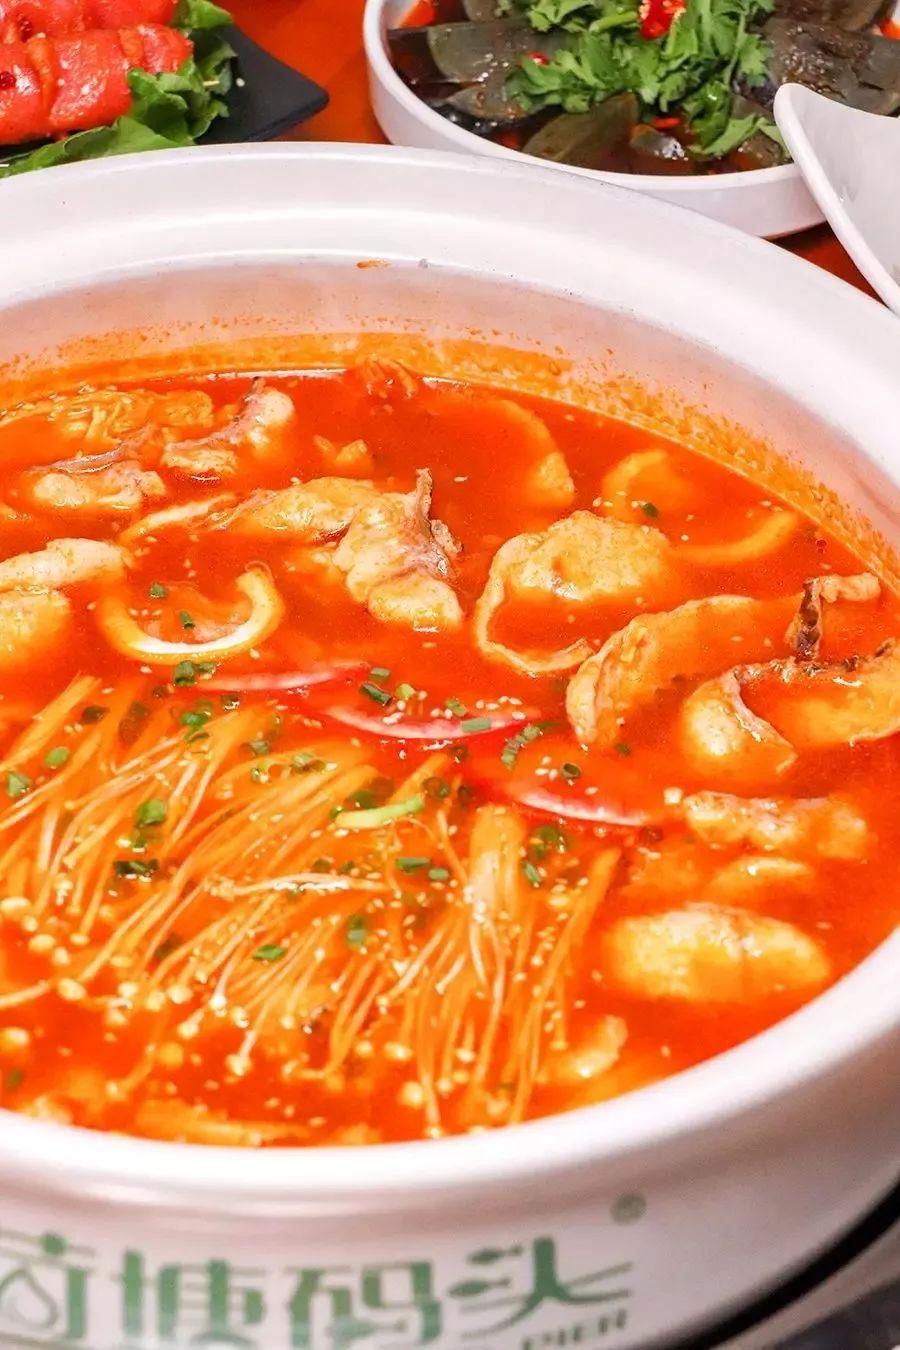 杭州打工:用一条3斤重的黑鱼做成酸菜鱼,肉质爽口 一锅都不够吃